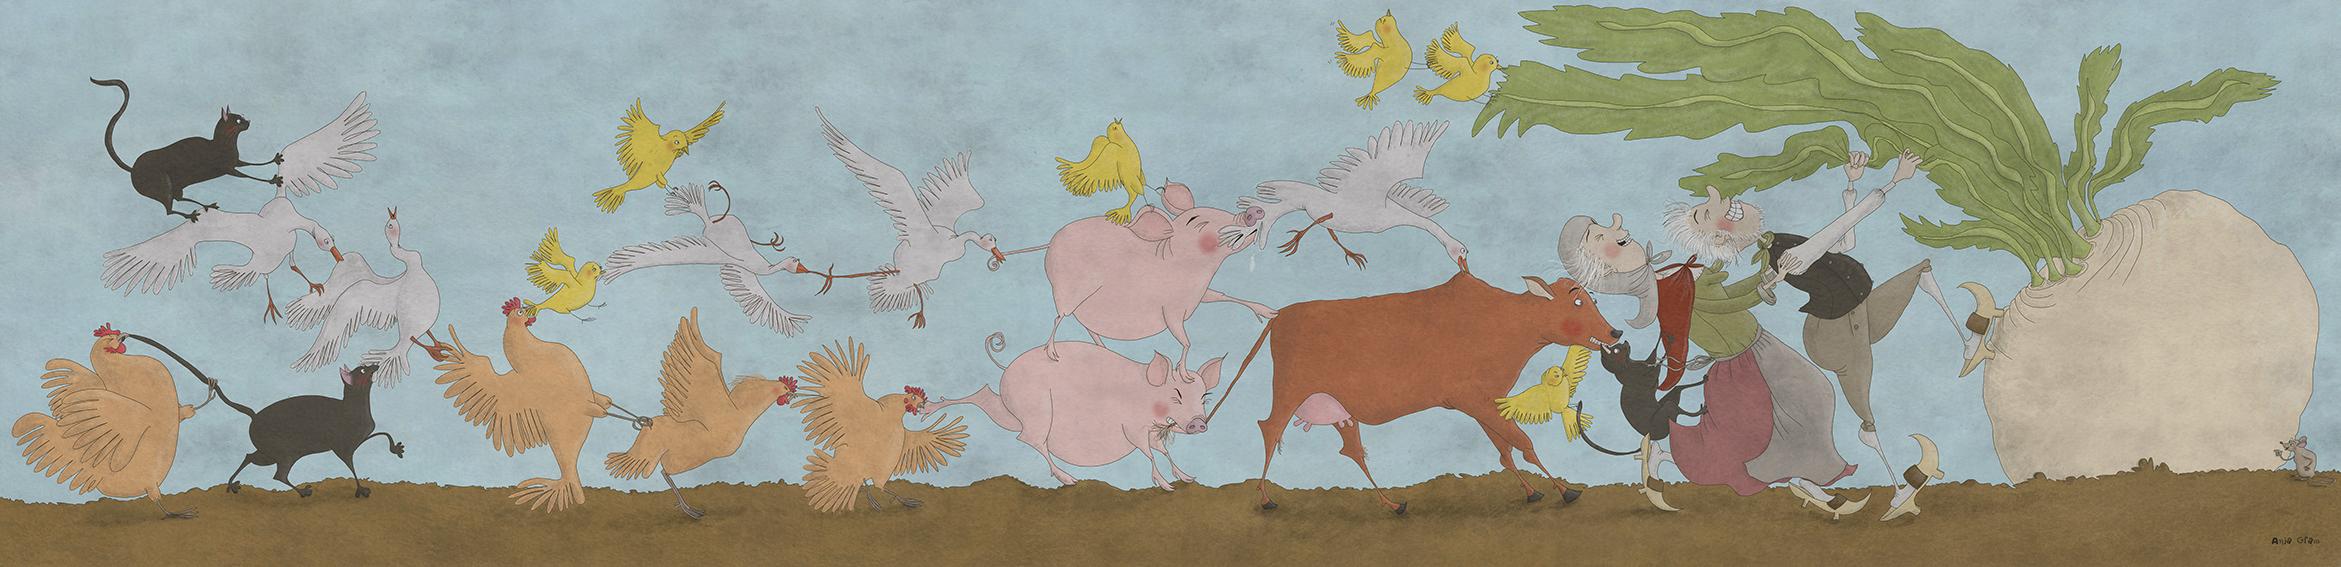 Roer_og_dyr_illustrator_Anja_Gram